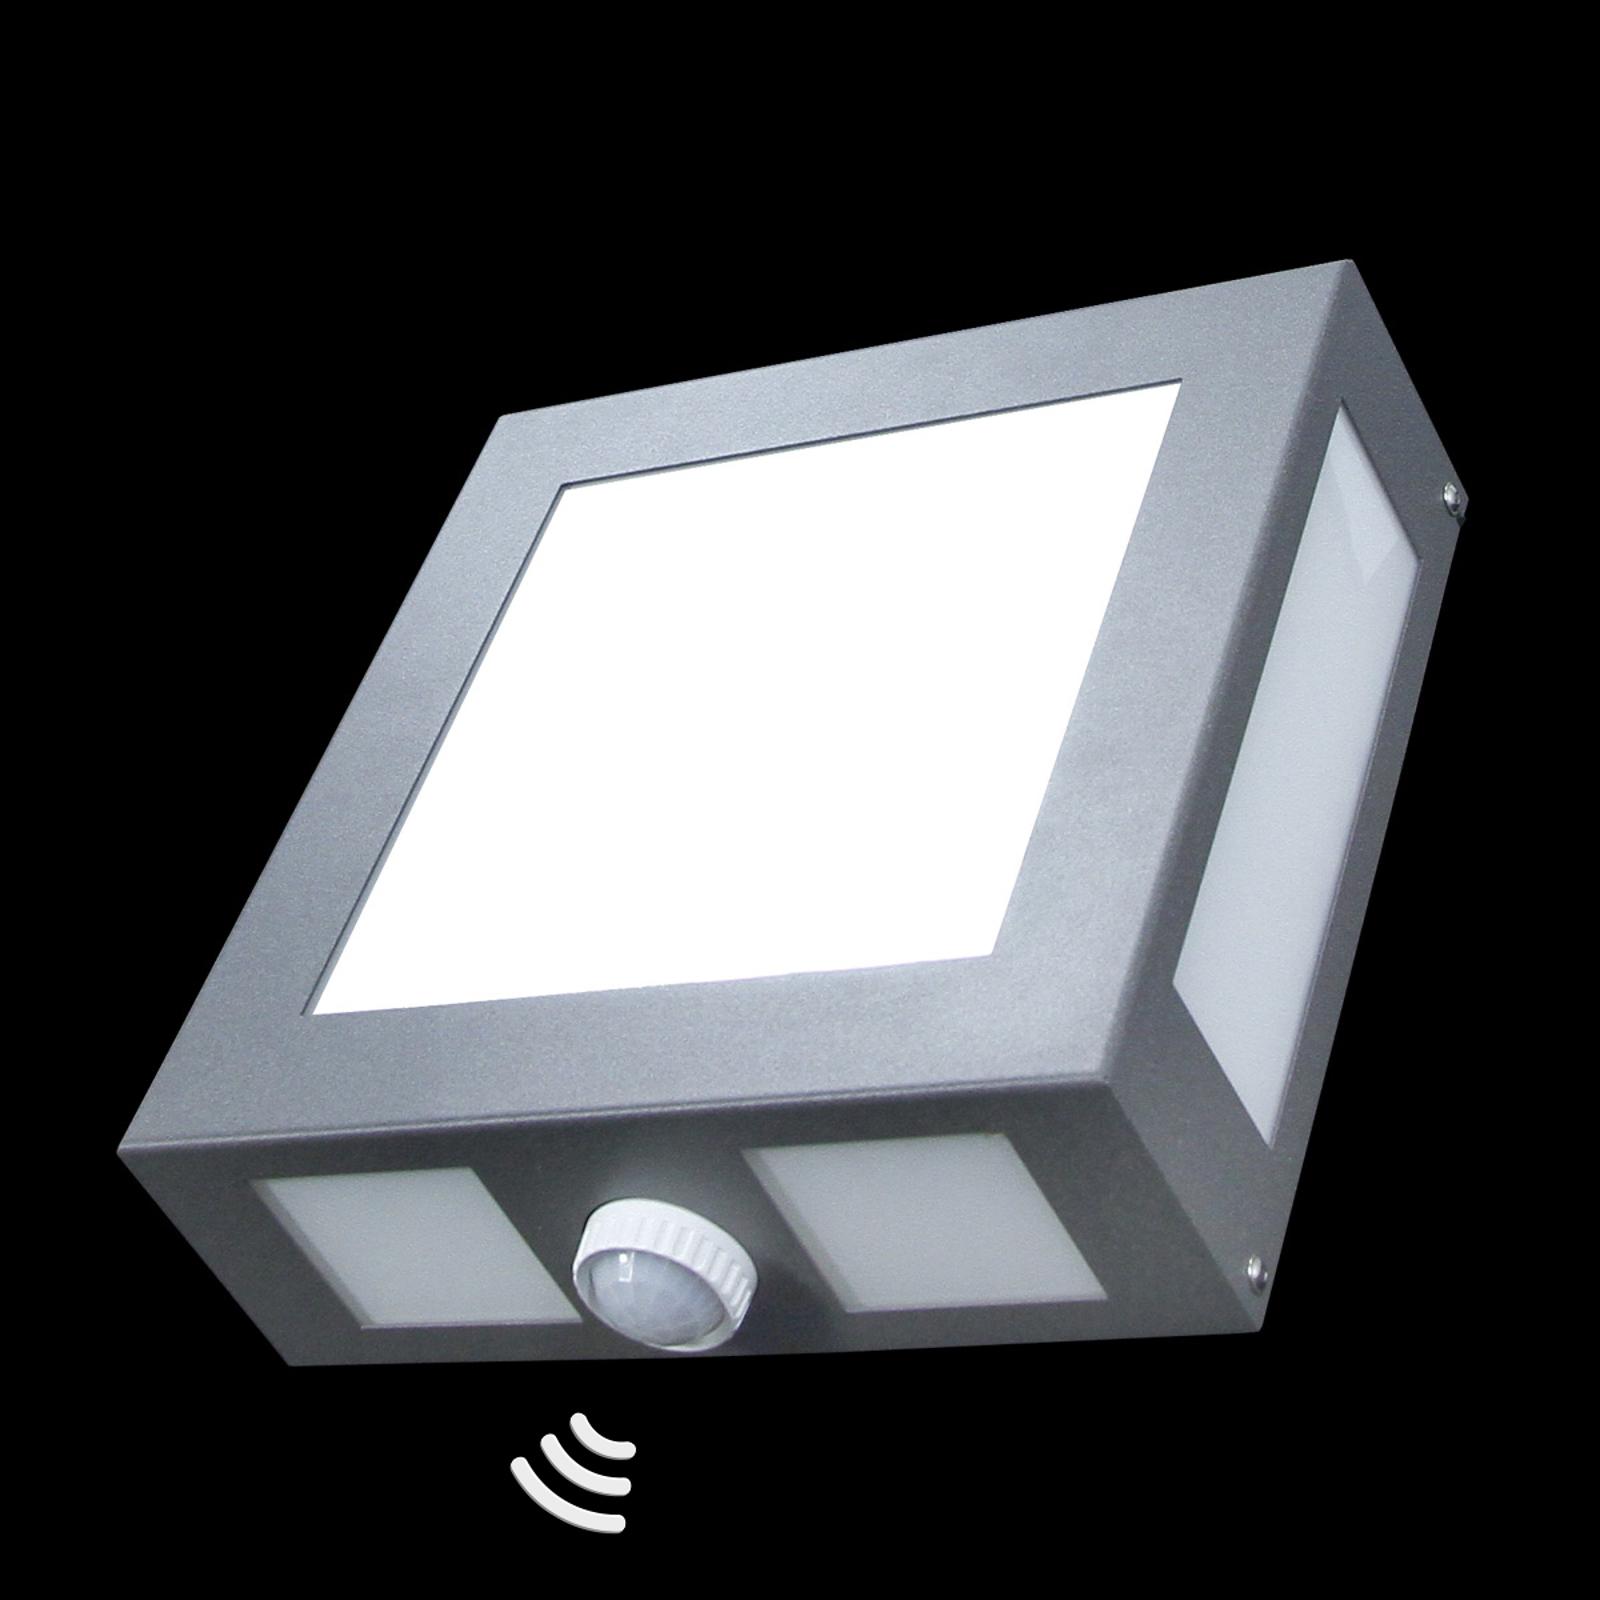 Lampada parete esterni Legendo, con sensore